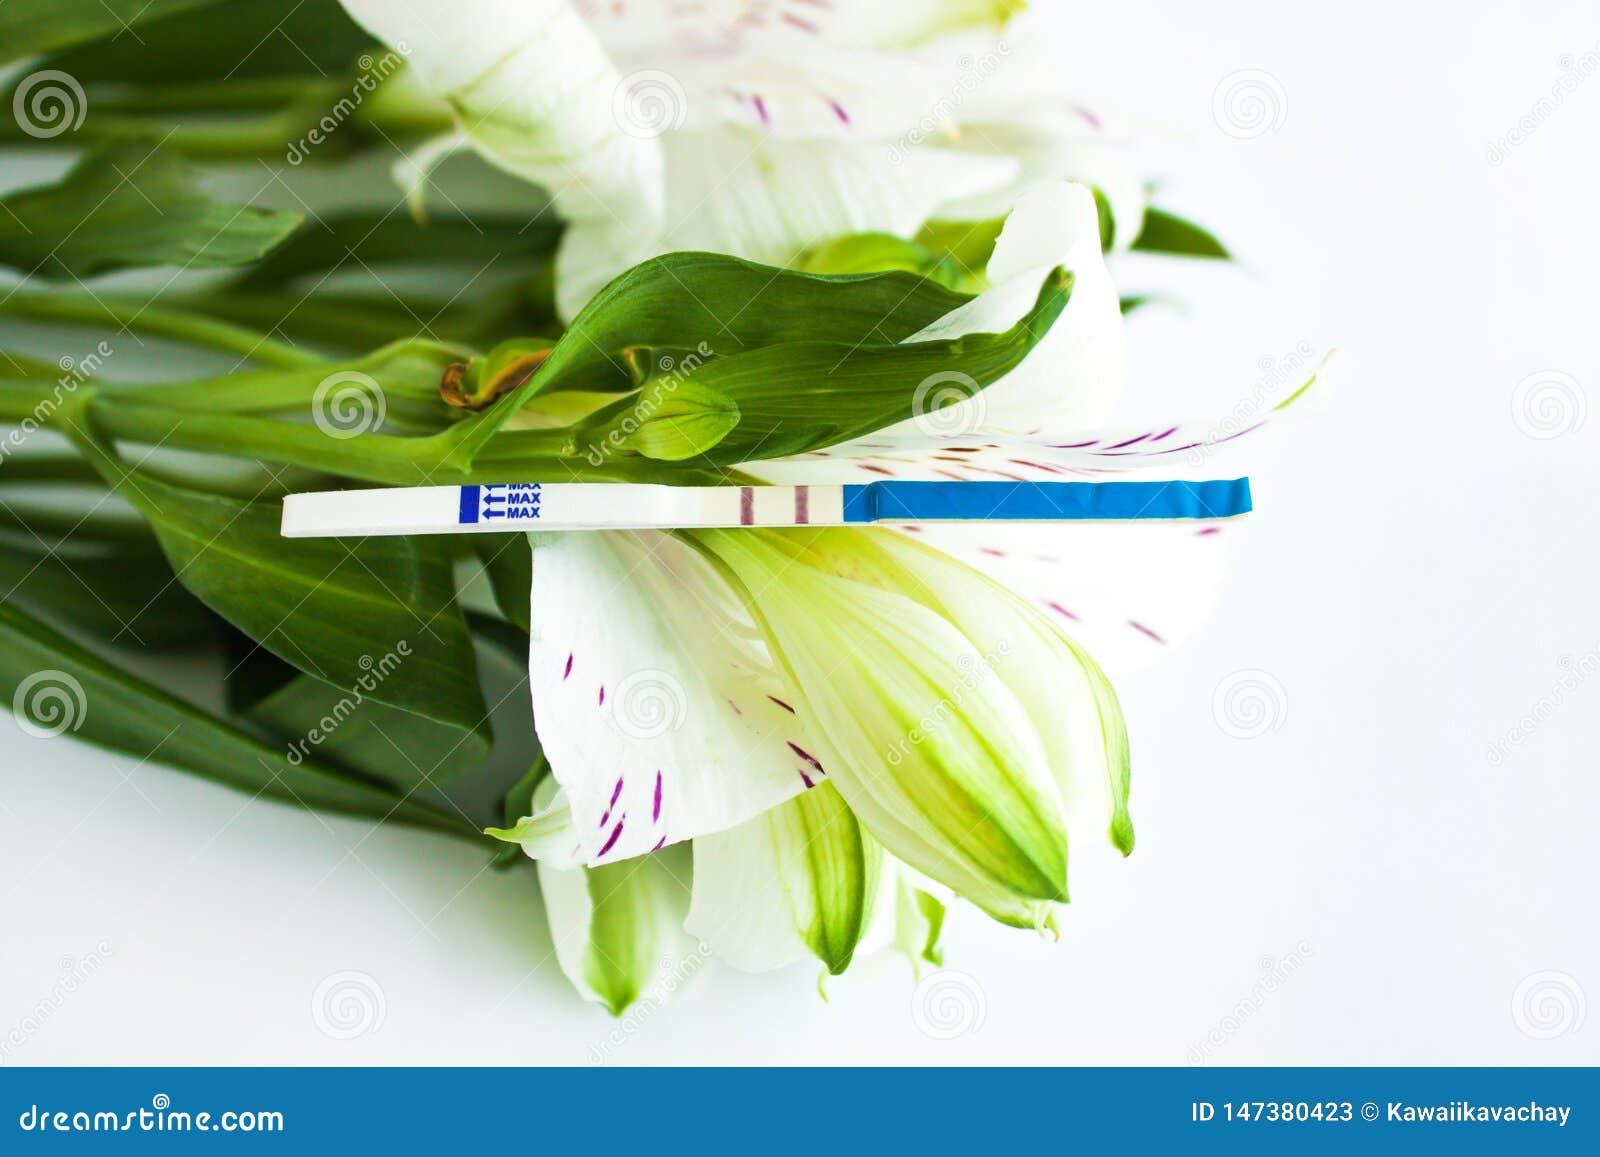 Teste de gravidez positivo com um ramalhete das flores brancas do alstroemeria